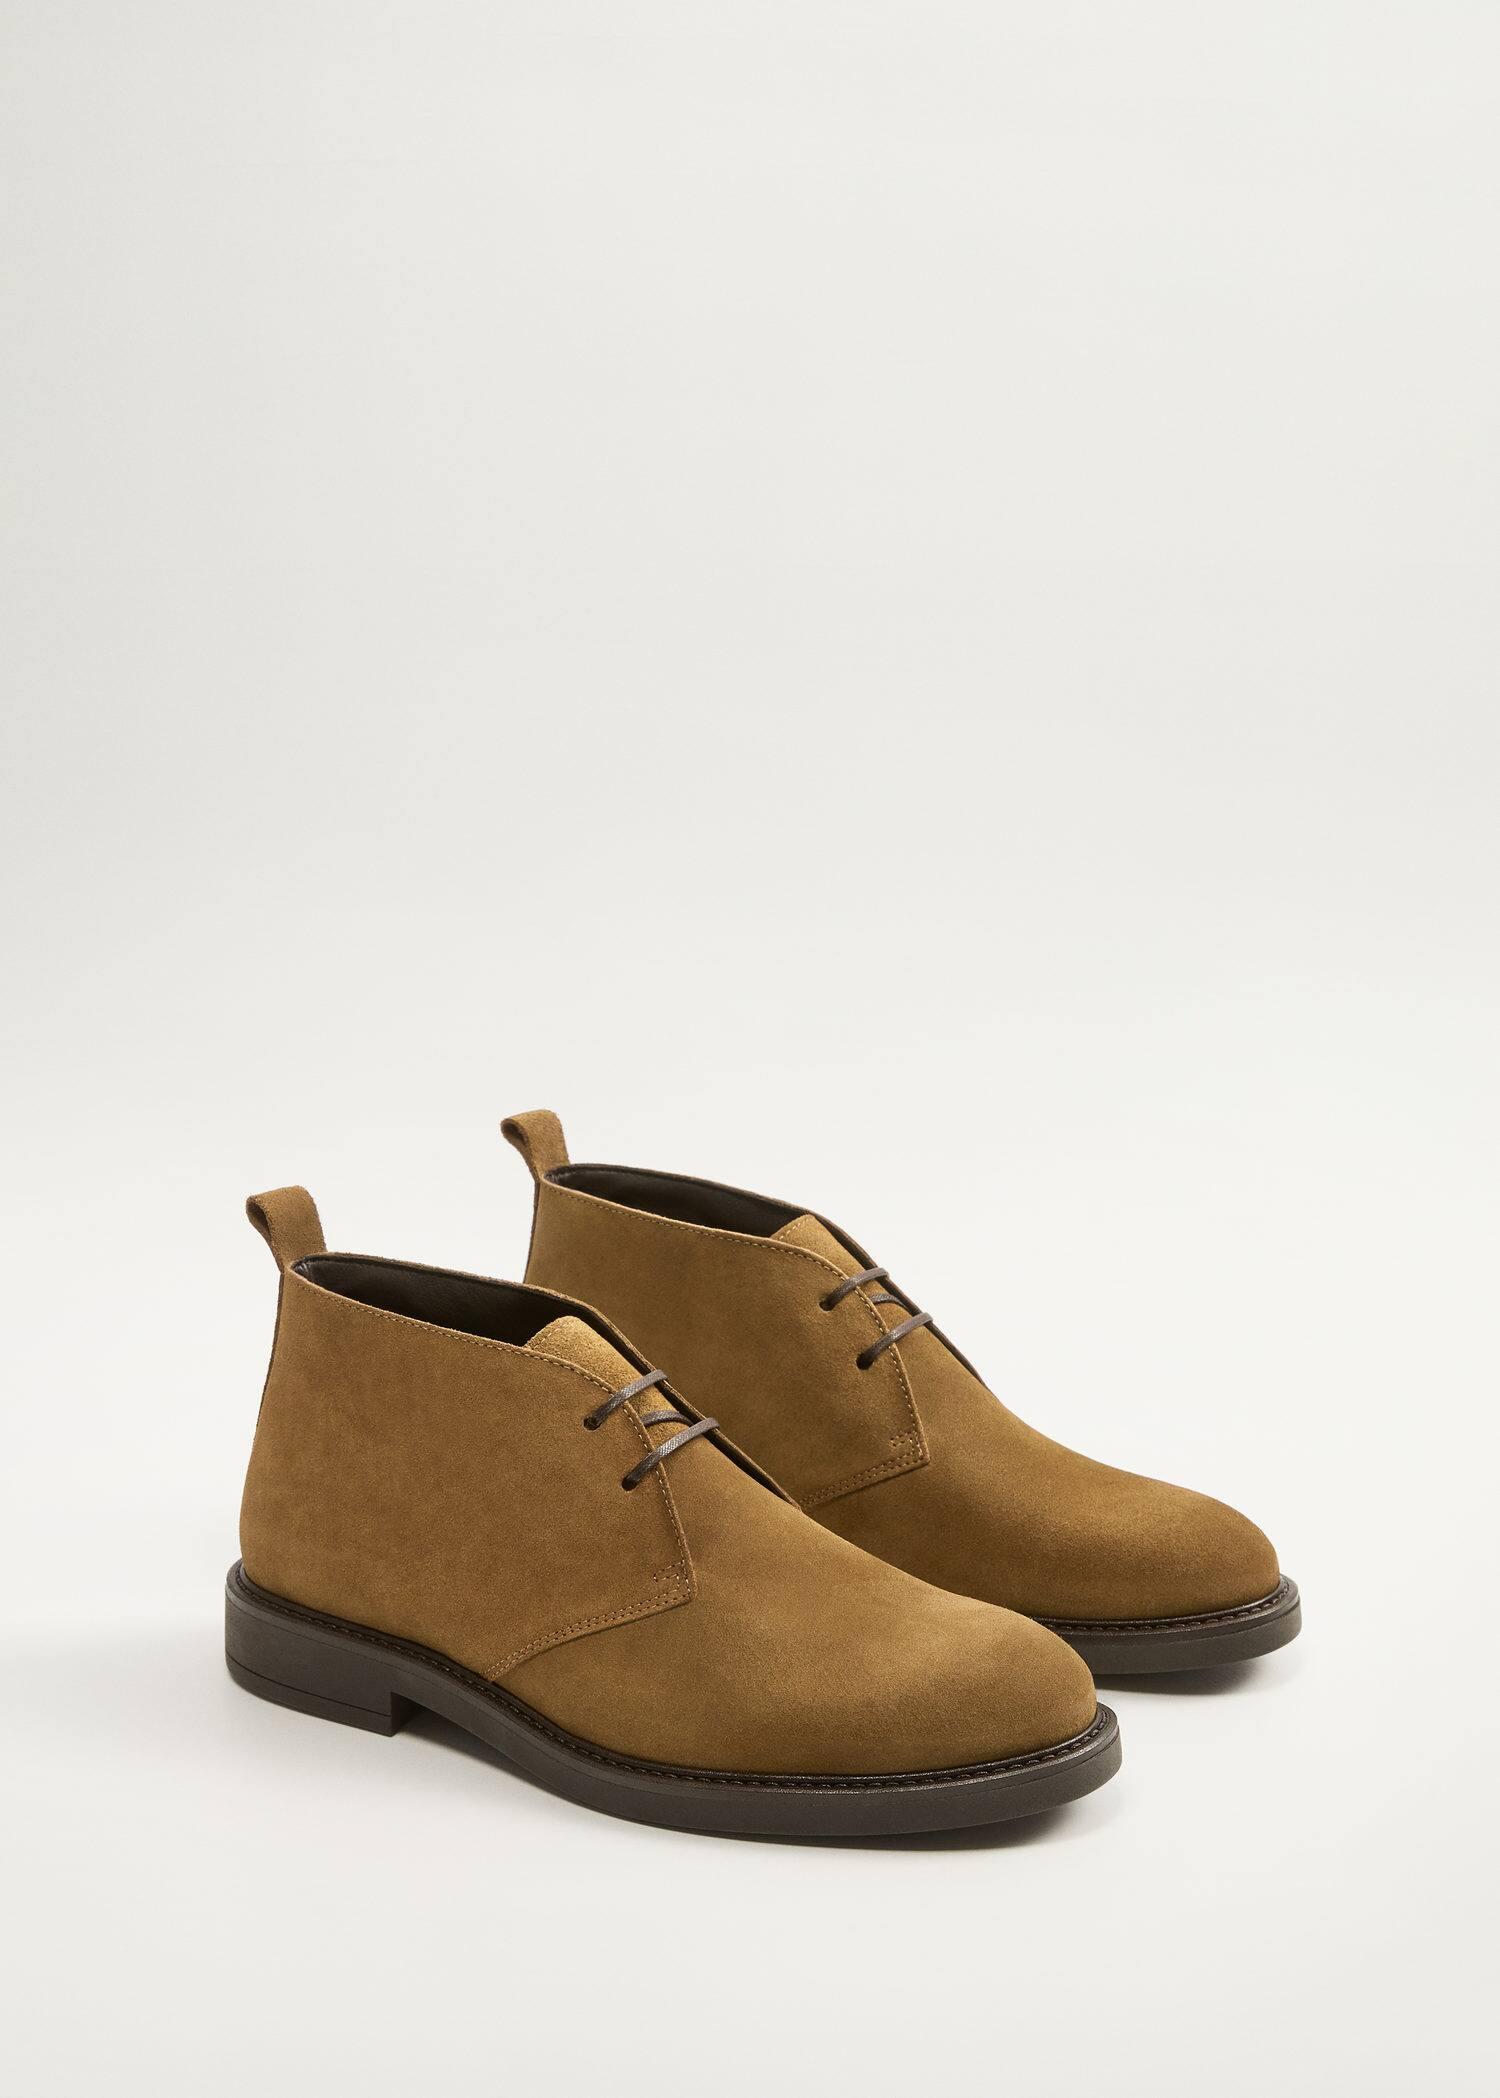 Schuhe für Herren 2019   Mango Man Deutschland